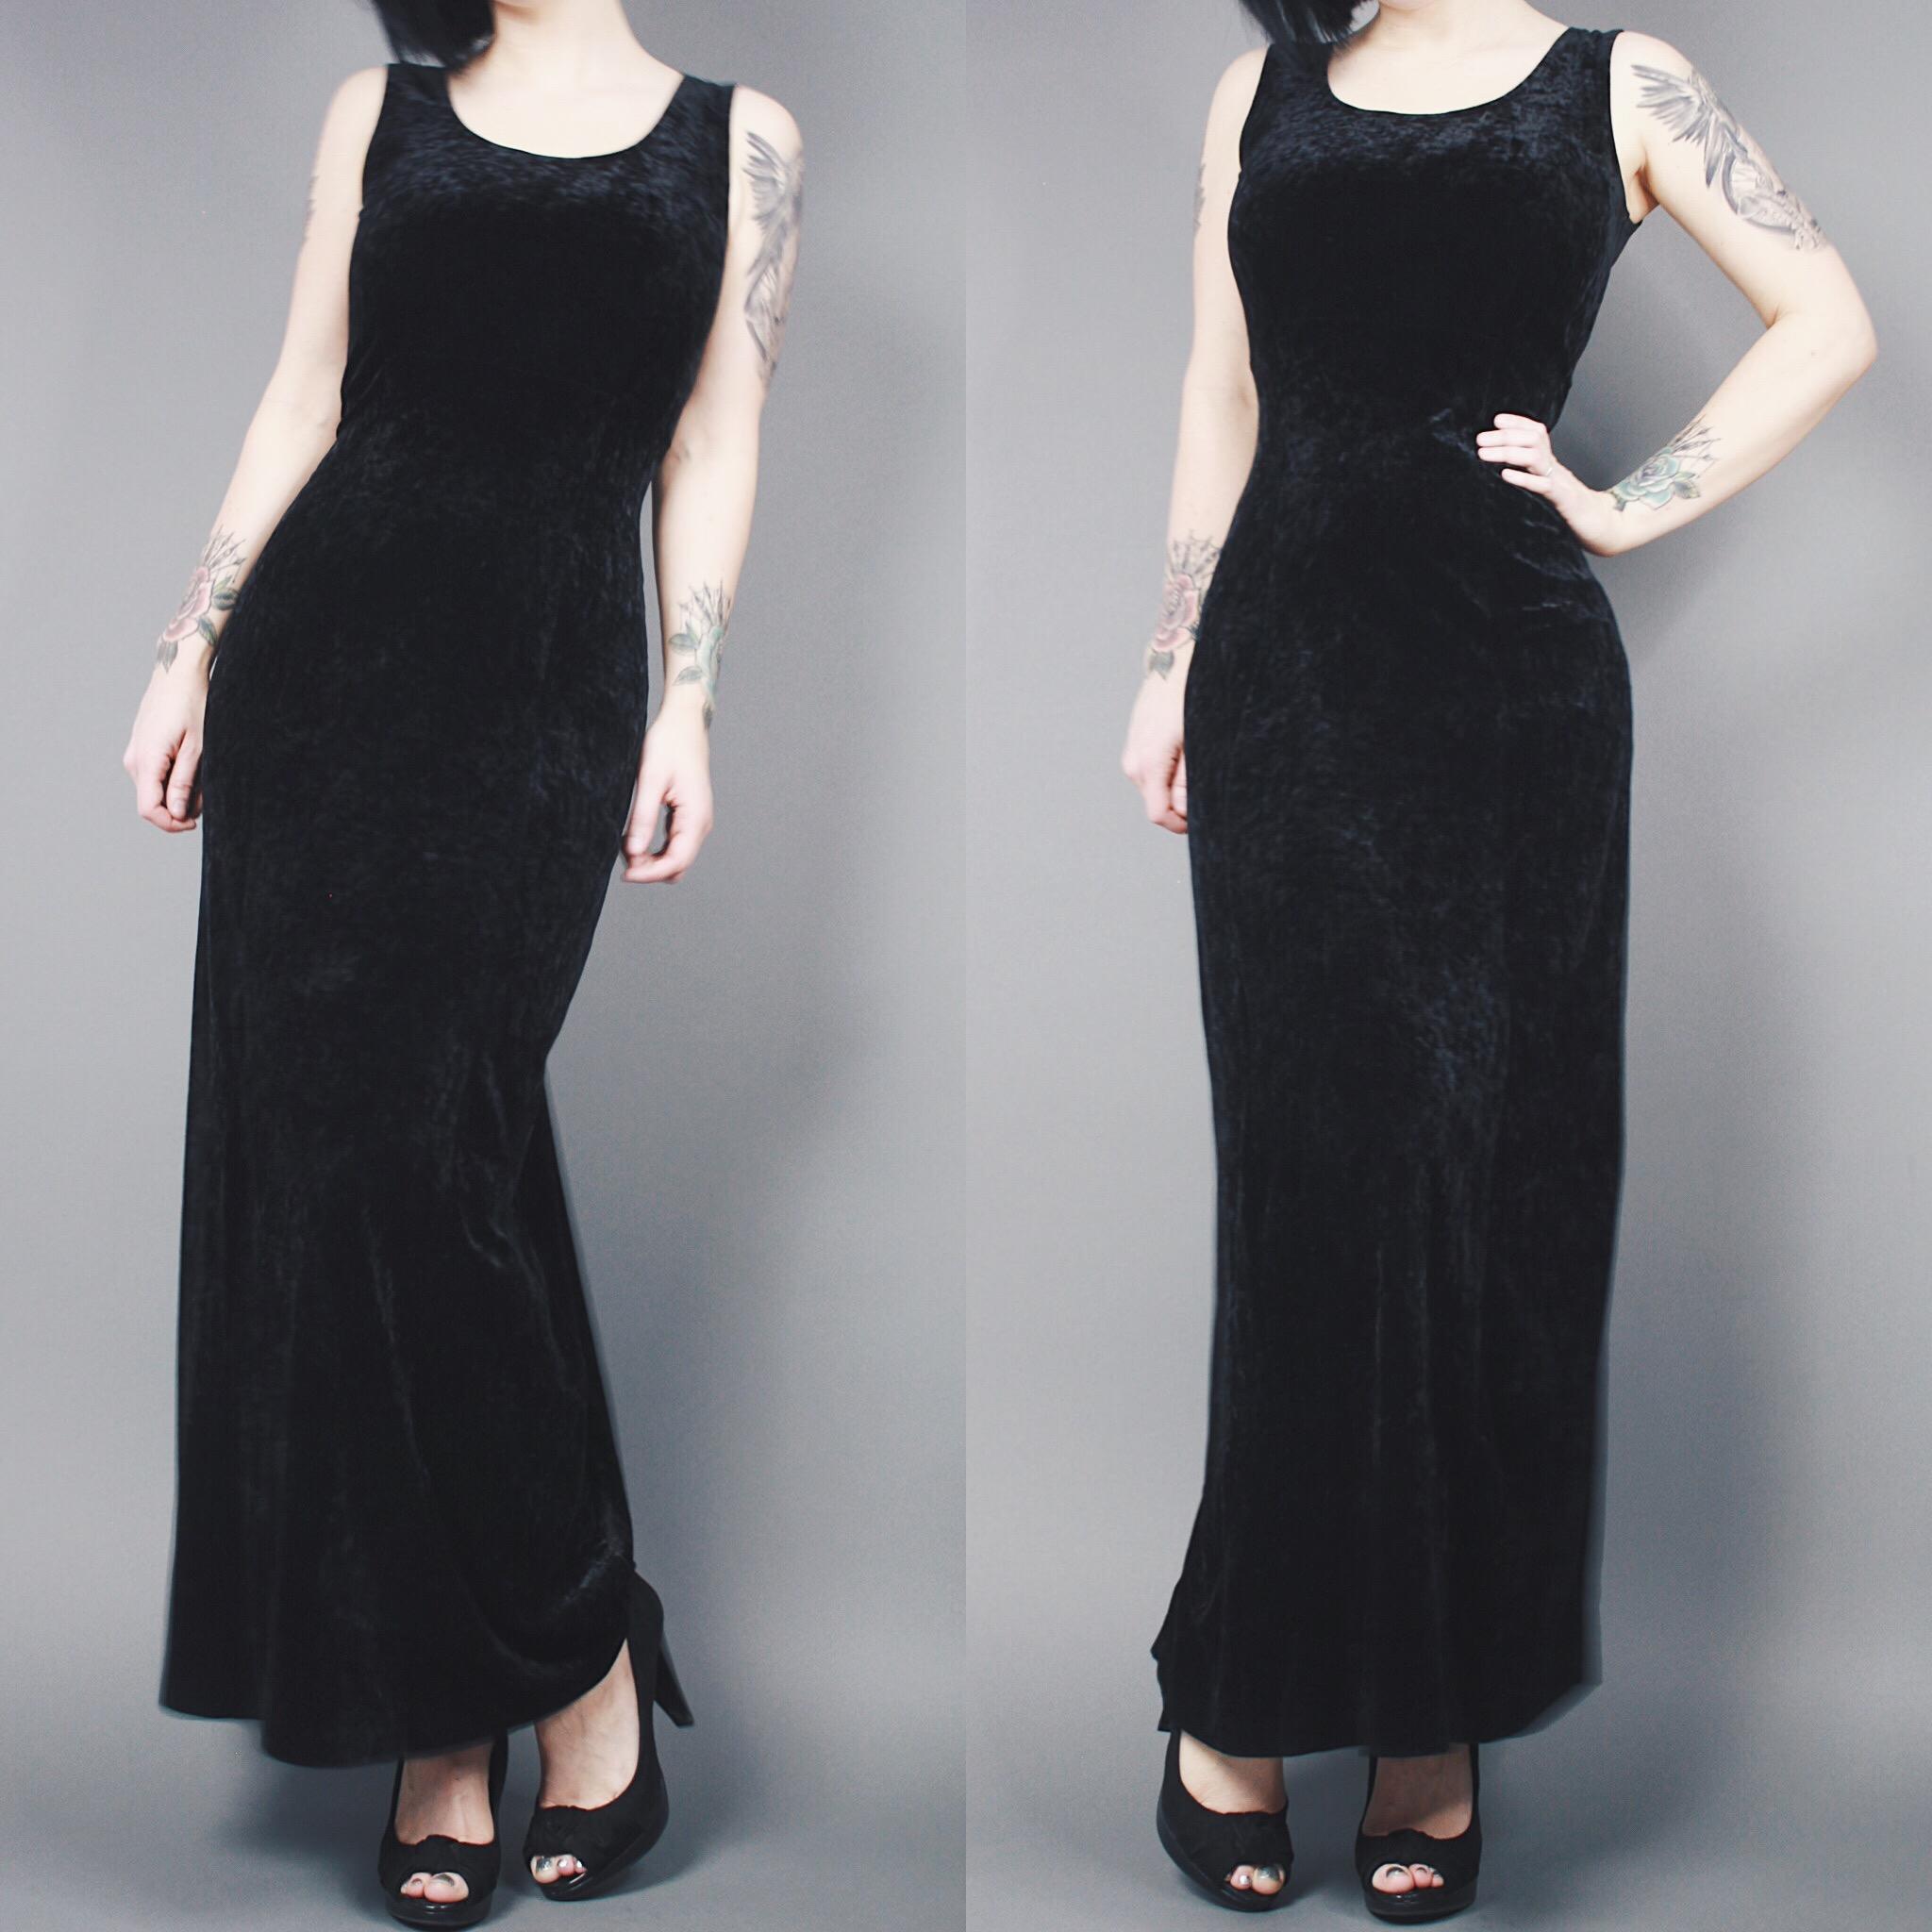 0fd7297e26700 CLAIMED  thelittleasian - Vintage 90s Reversible Black Crushed Velvet Button  Down Sleeveless Maxi Dress